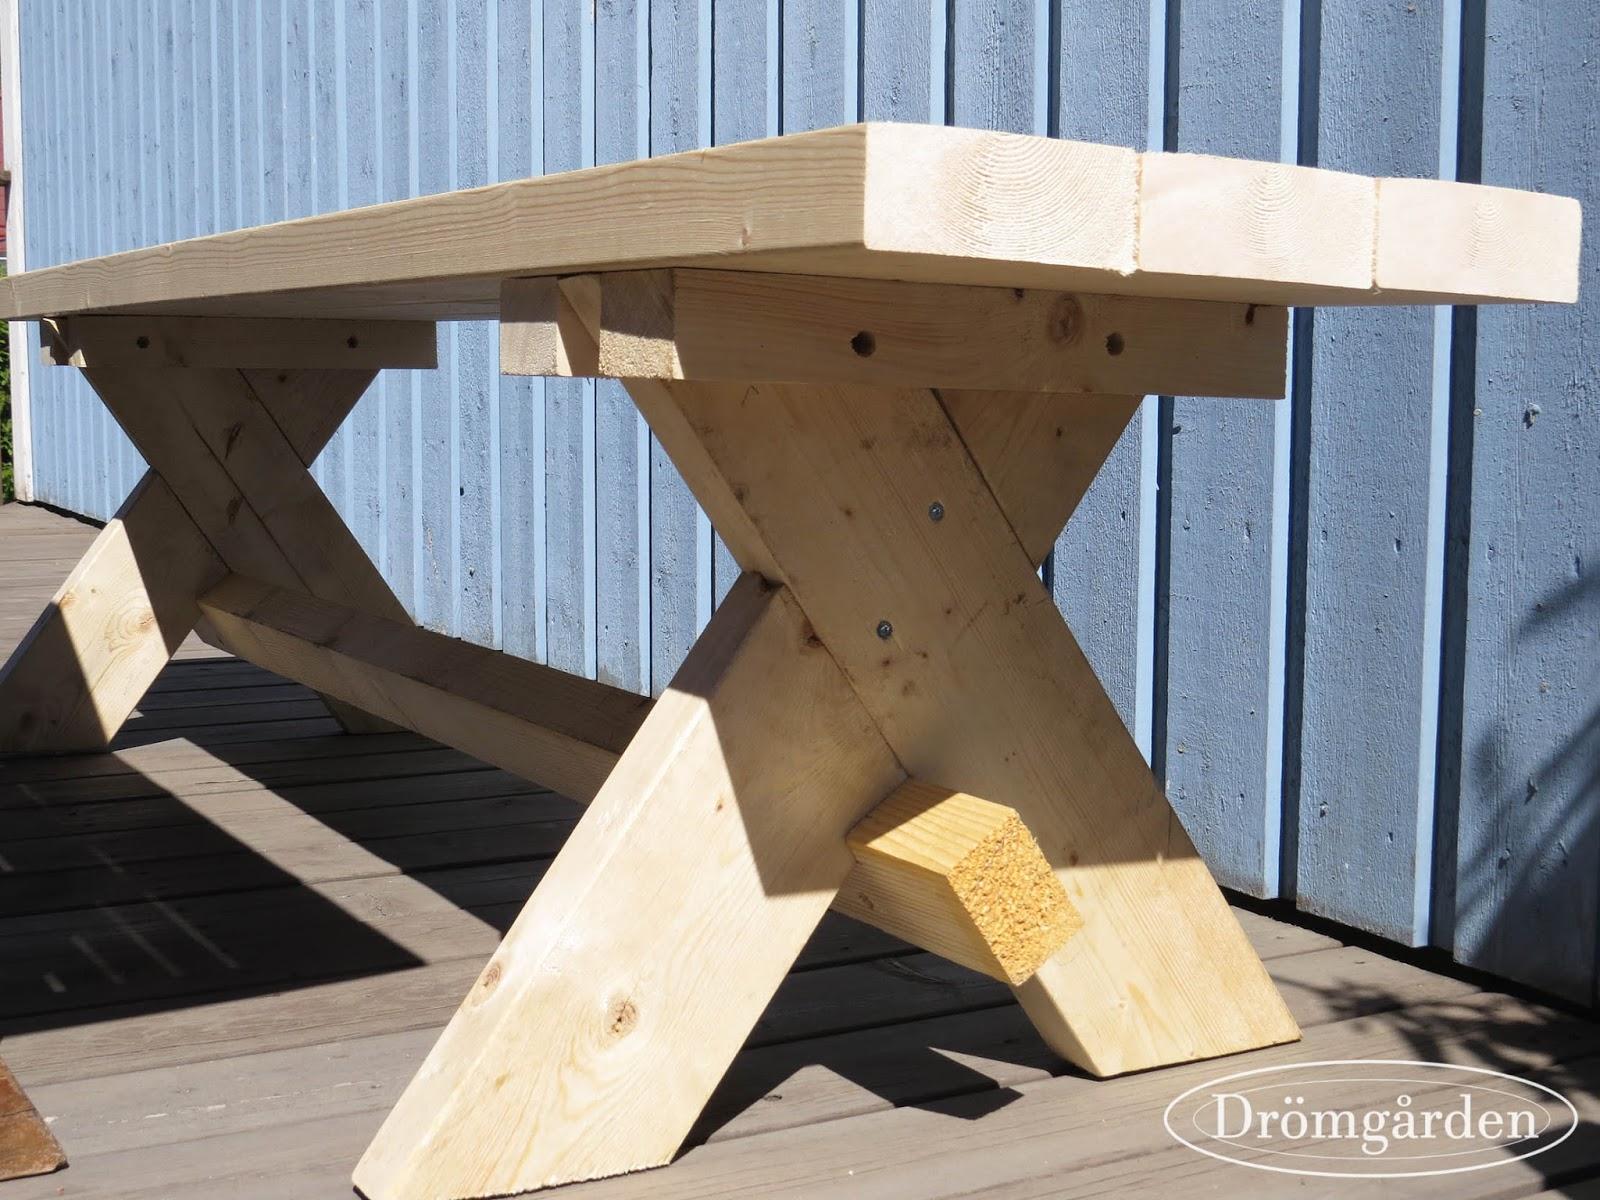 Berömda Drömgården: Bygga en bänk EZ-74